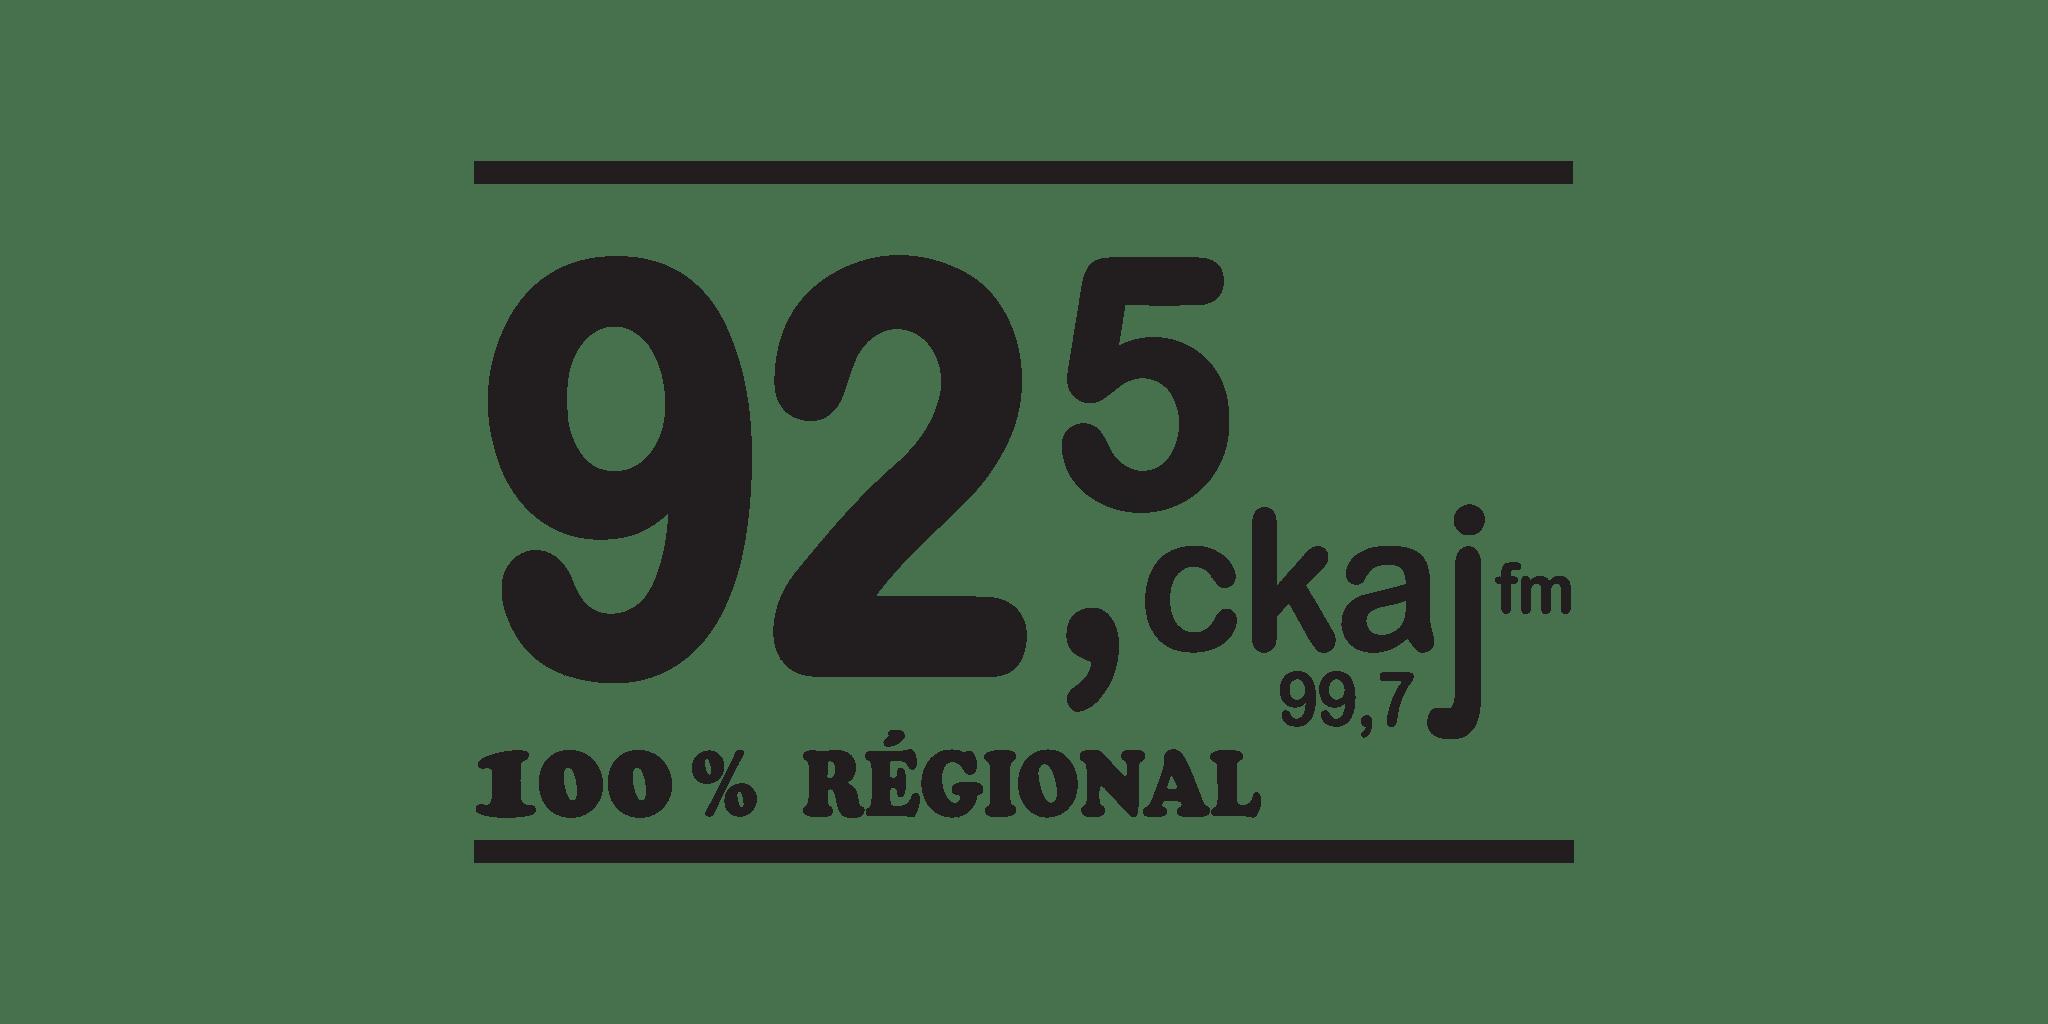 CKAJ FM 92,5